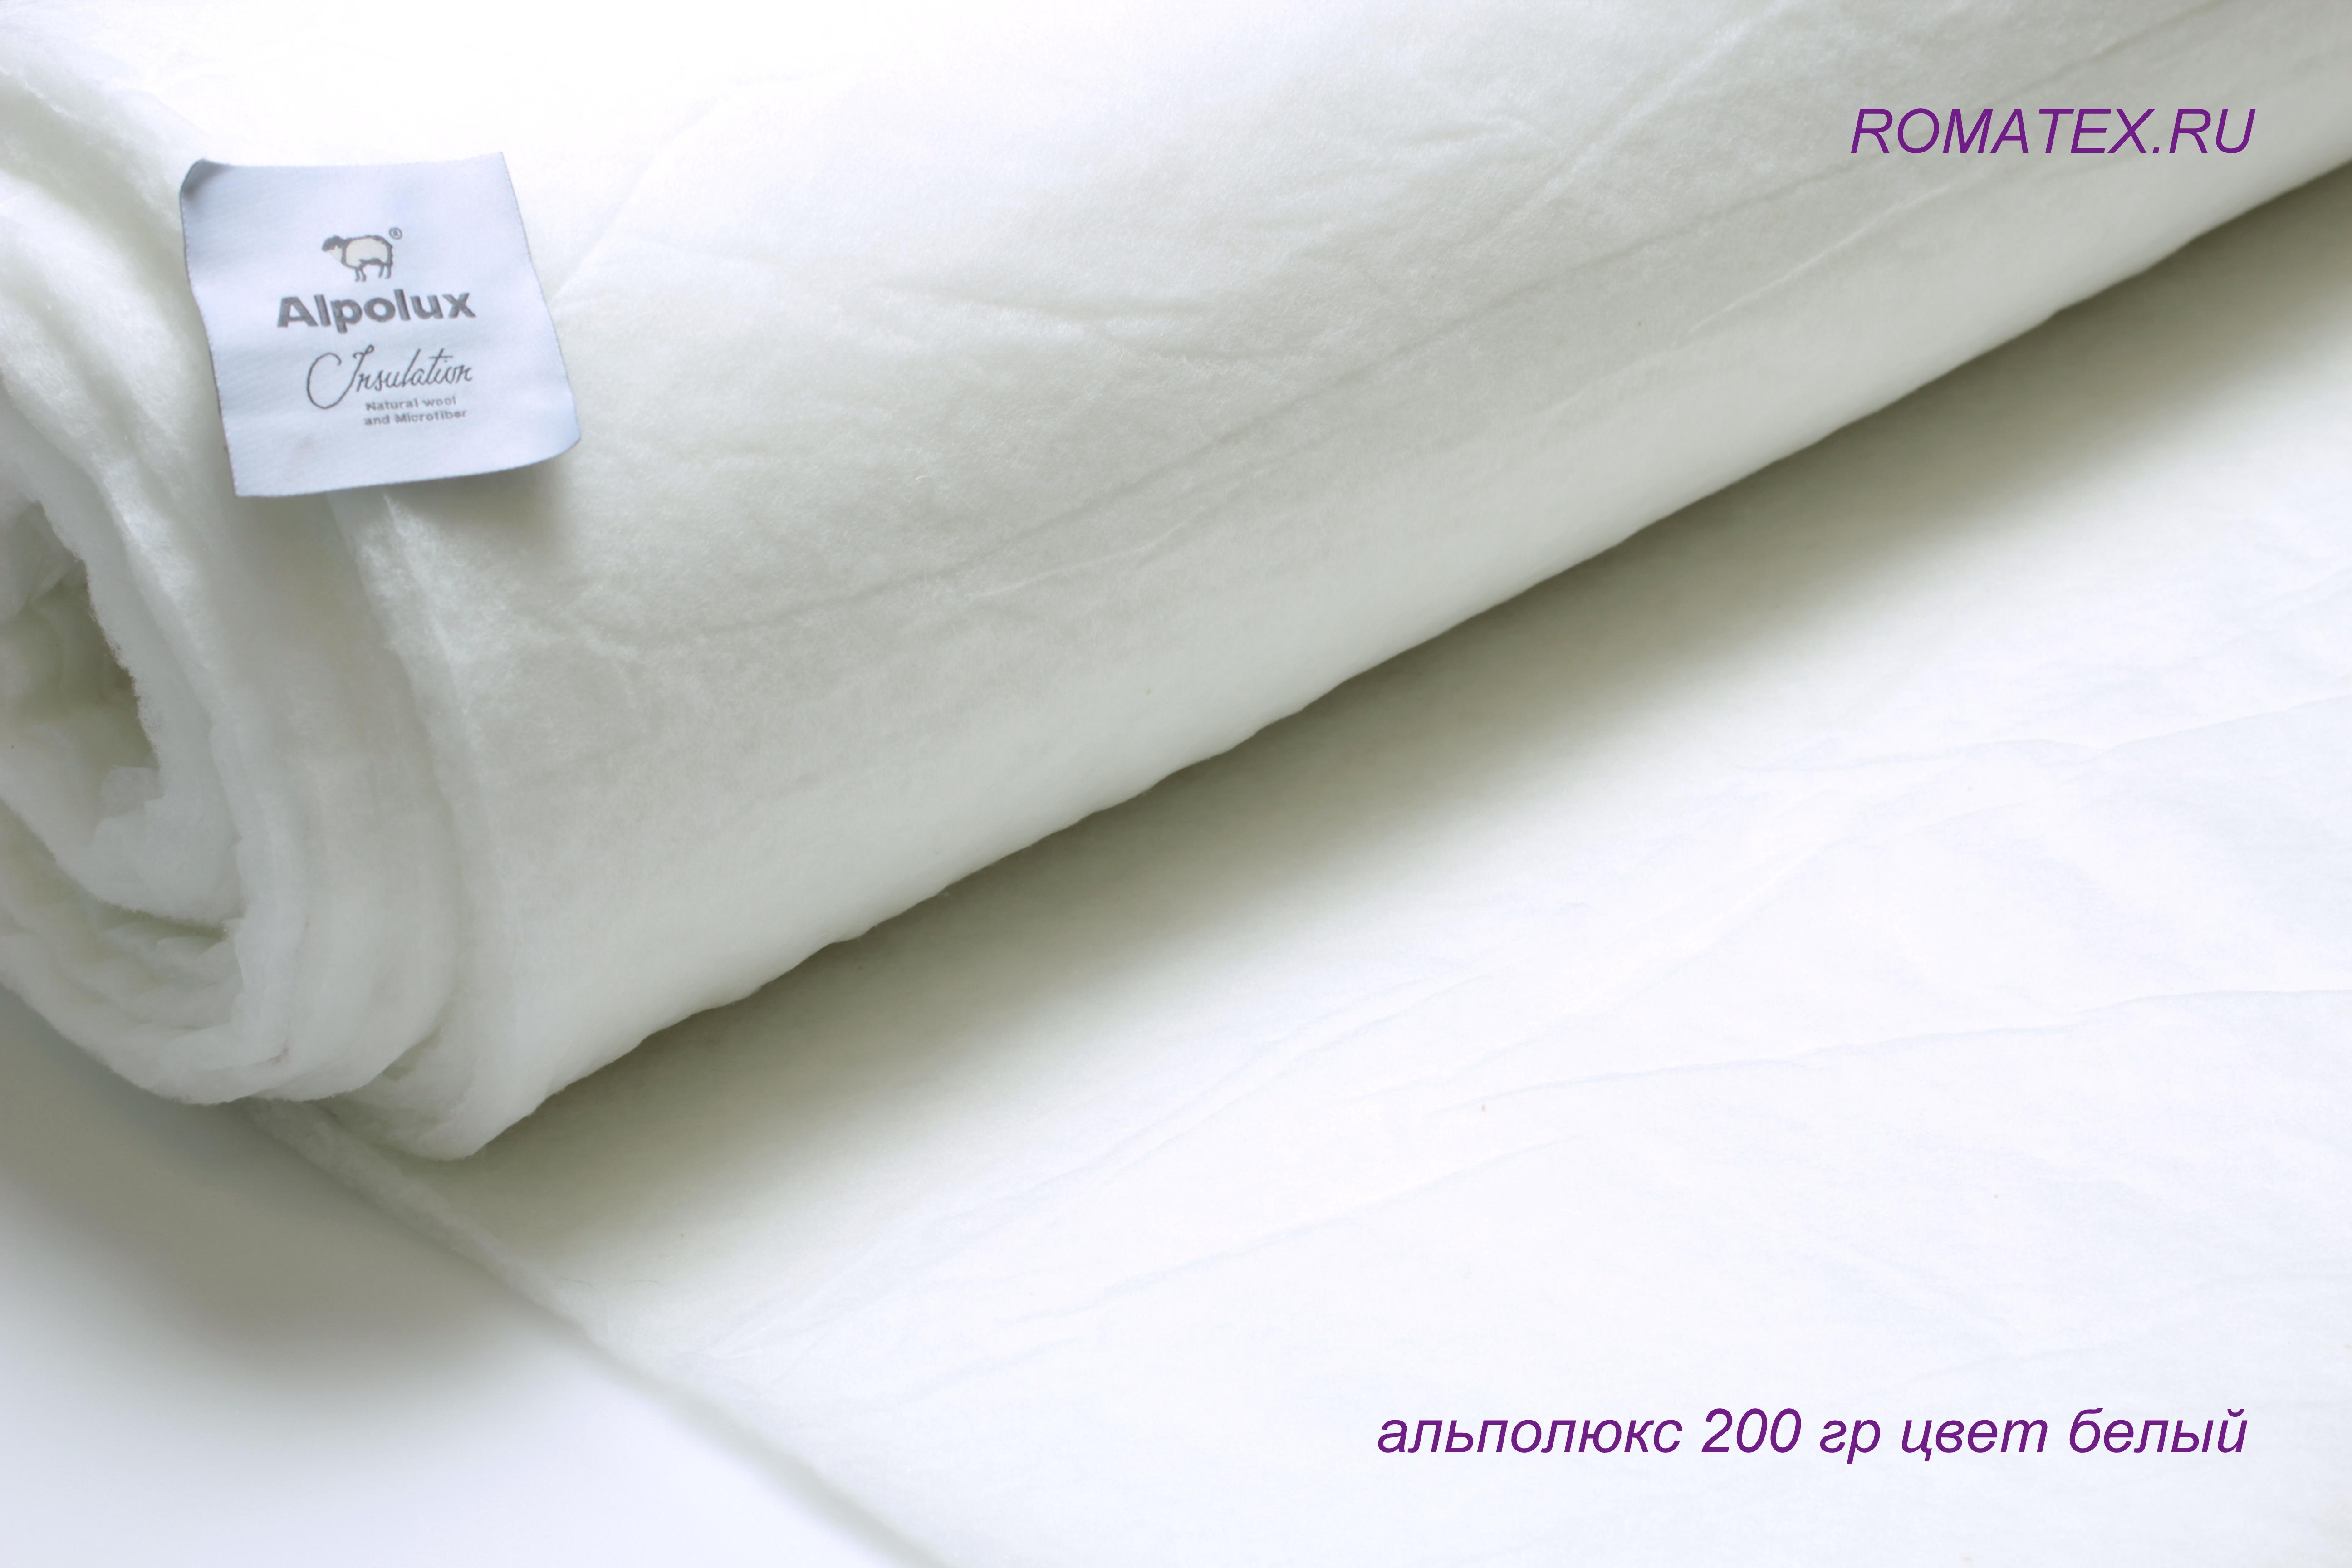 Утеплитель Альполюкс плотность 200гр цвет белый